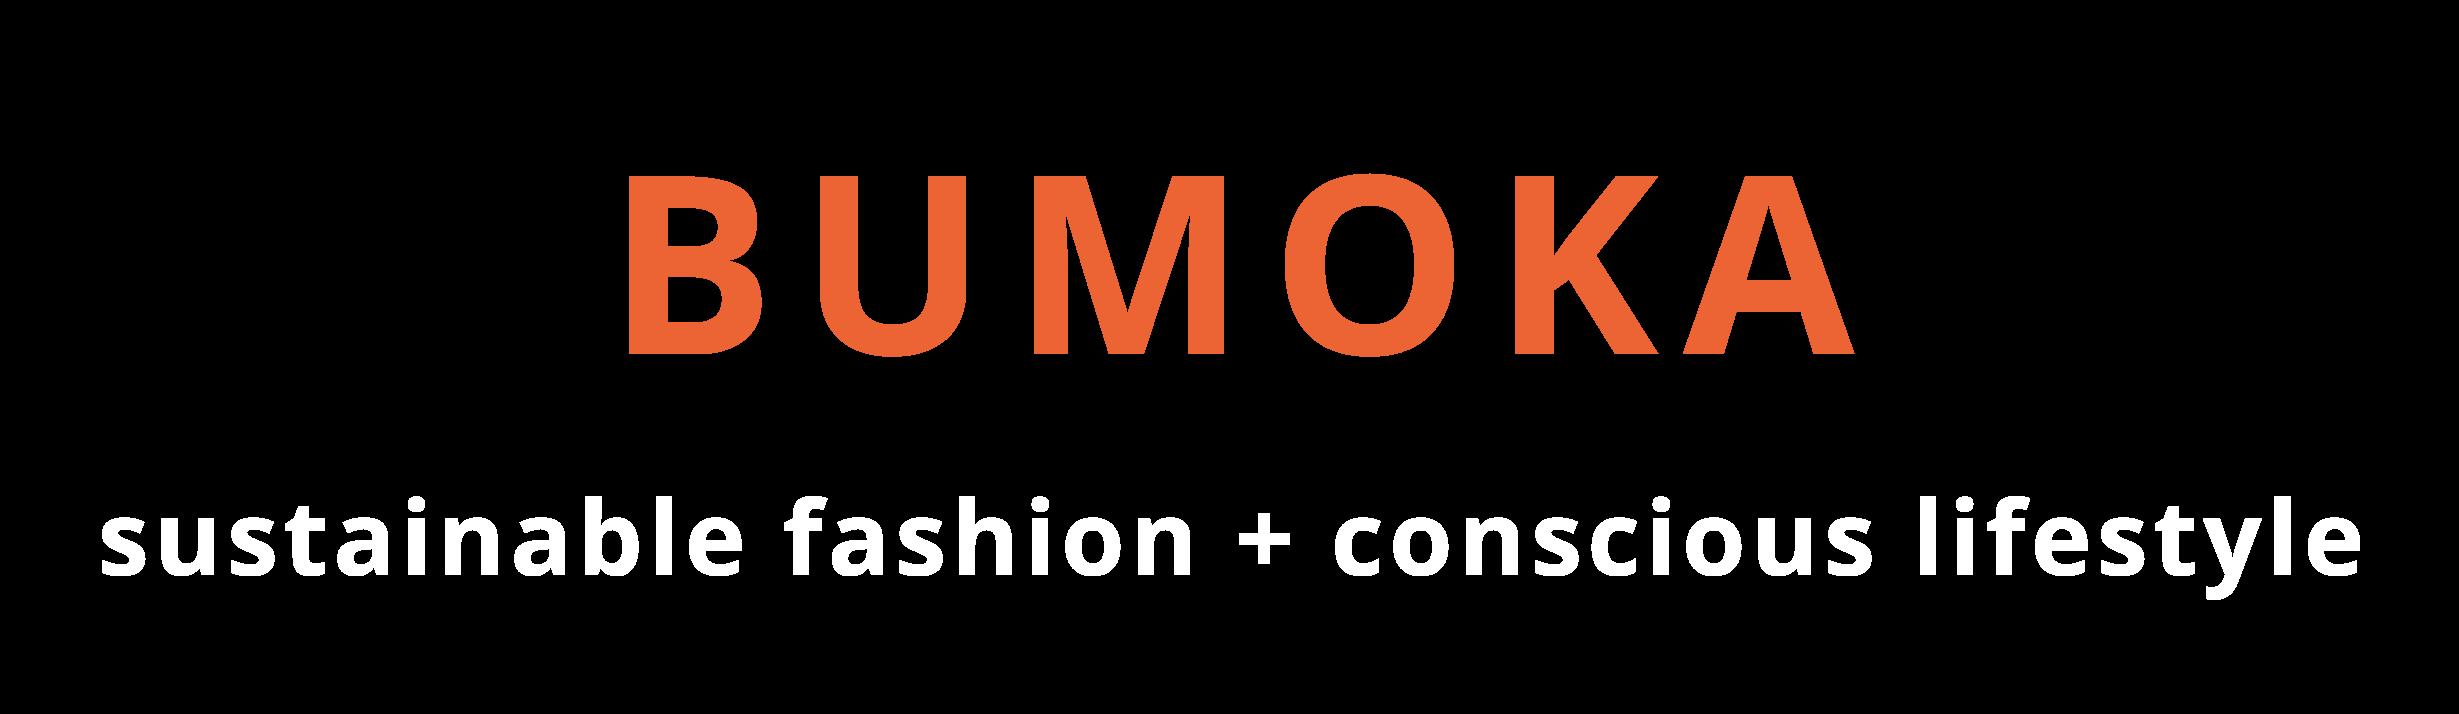 BUMOKA